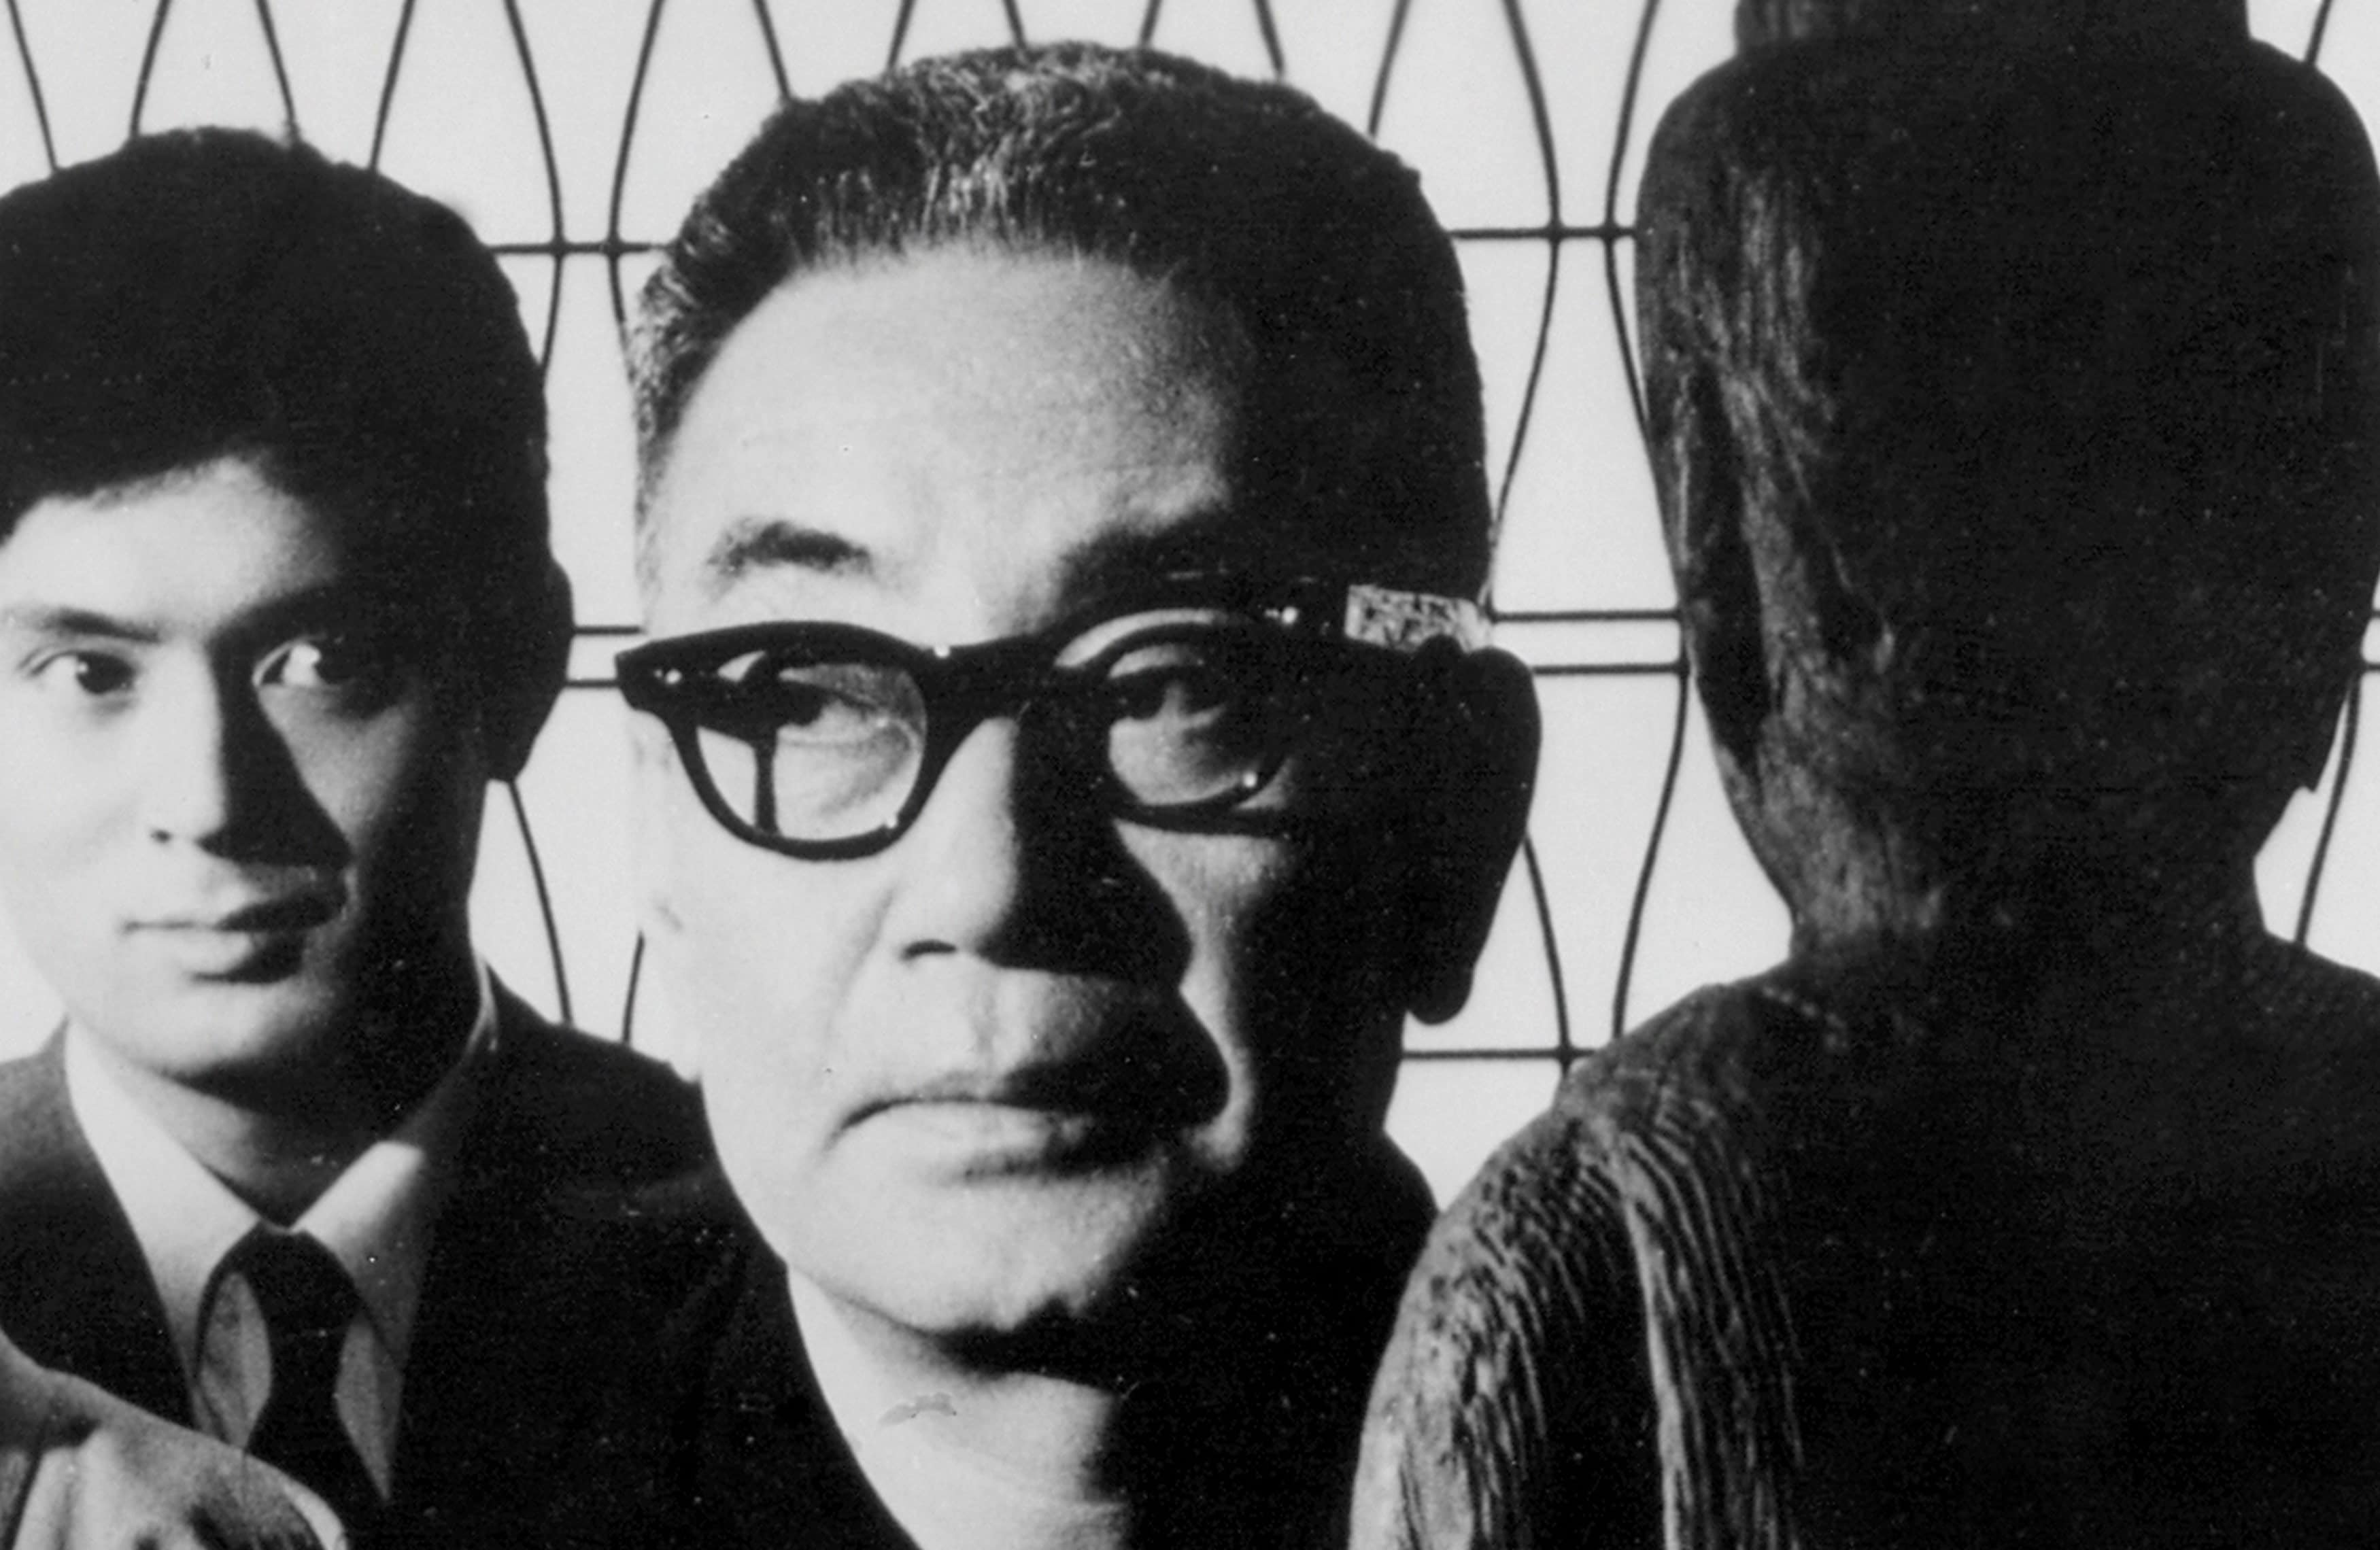 Ganjiro Nakamura